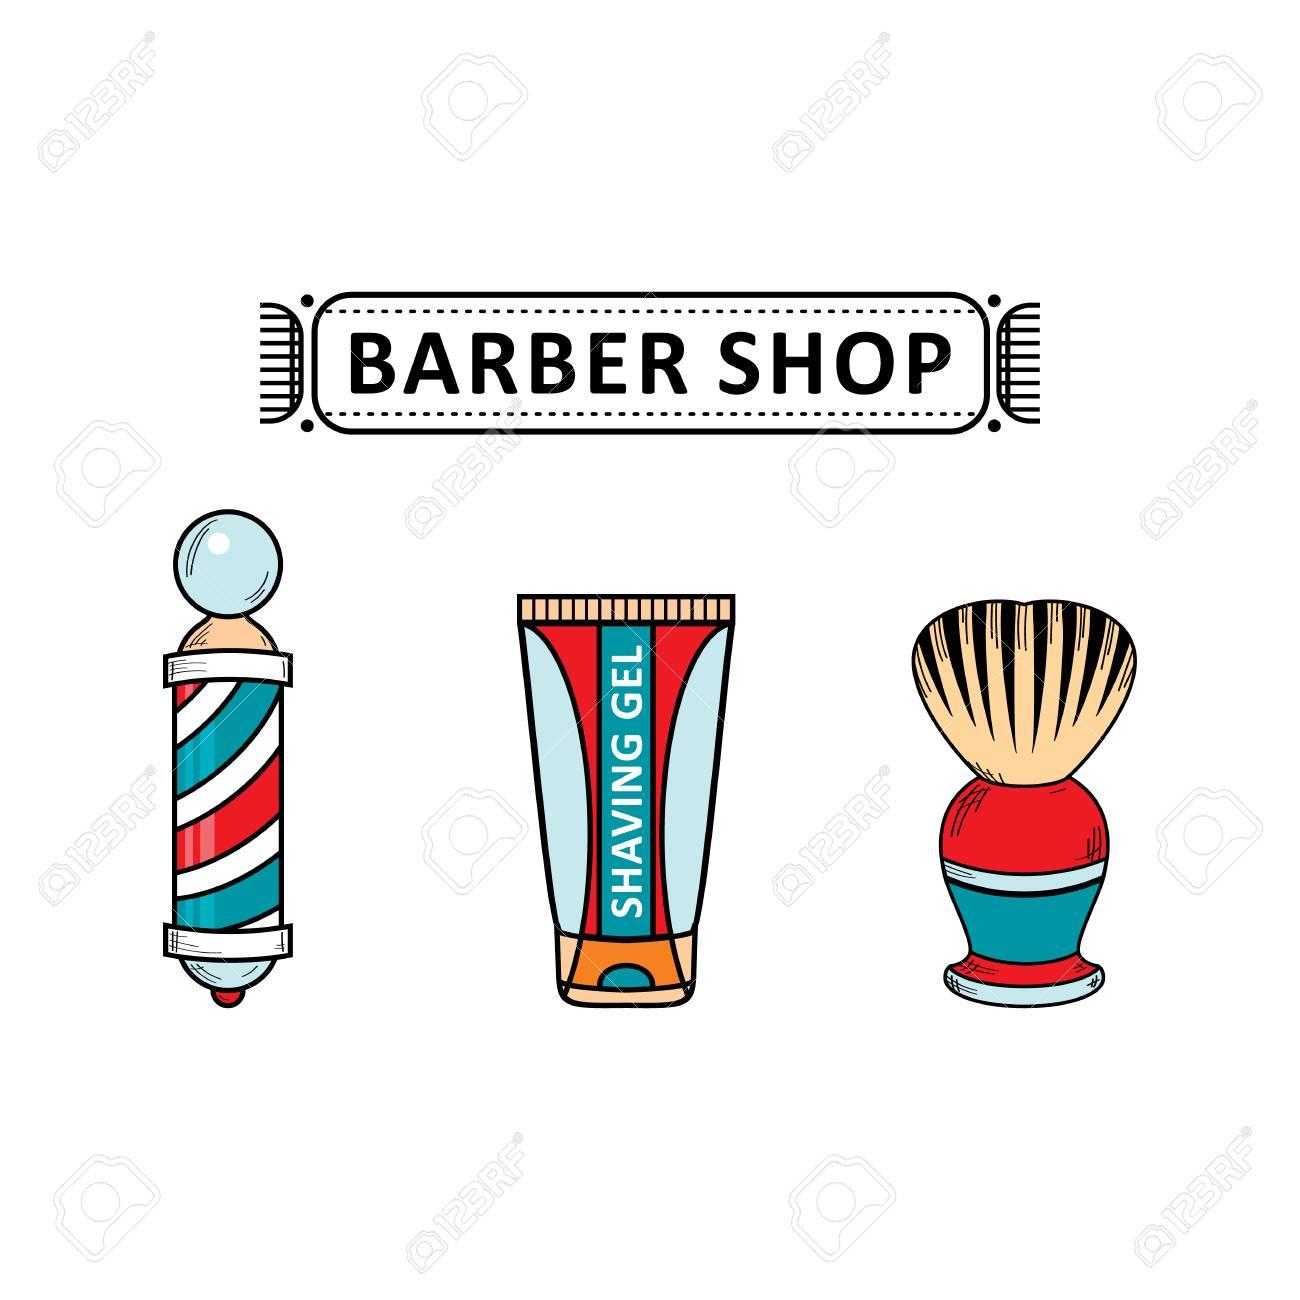 vector flat barber shop tools set shaving brush barber pole rh 123rf com Barber Pole Images Free Barber Shop Pole Vector